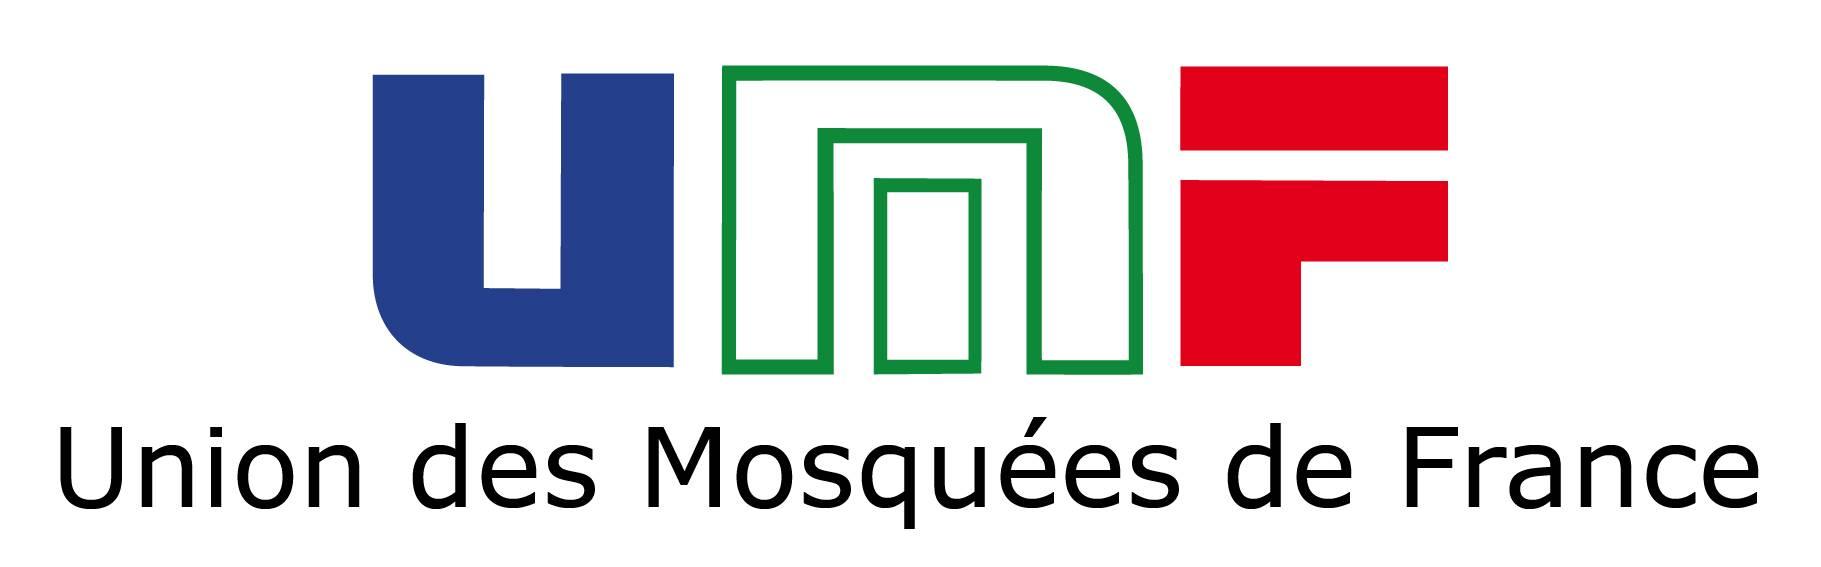 L'Entretien de Mohammed MOUSSAOUI, président de l'UMF sur «le port du voile» Propos recueillis, pour le Journal LEFIGARO.FR, par Jean- Marie Guénois le 31 octobre 2019.